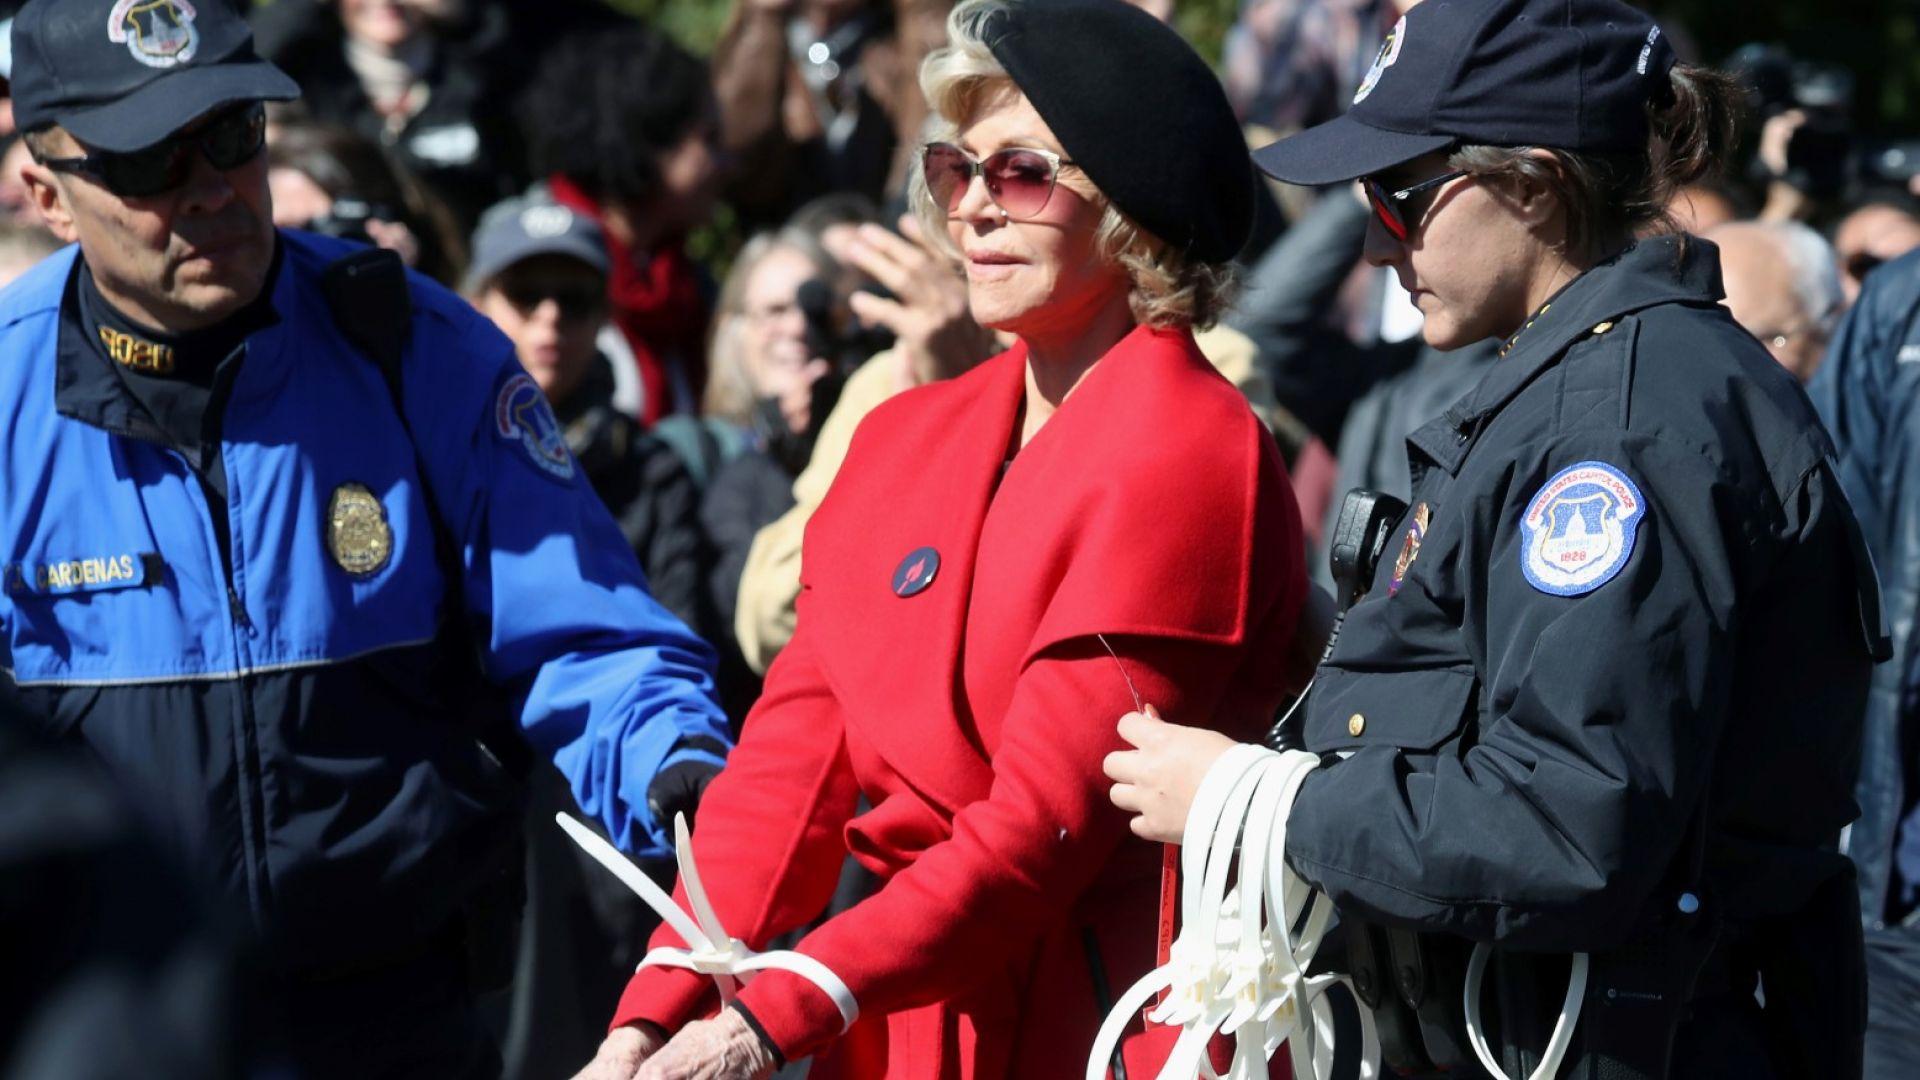 Джейн Фонда след арестите: Червеното палто е последната дреха, която си купувам някога